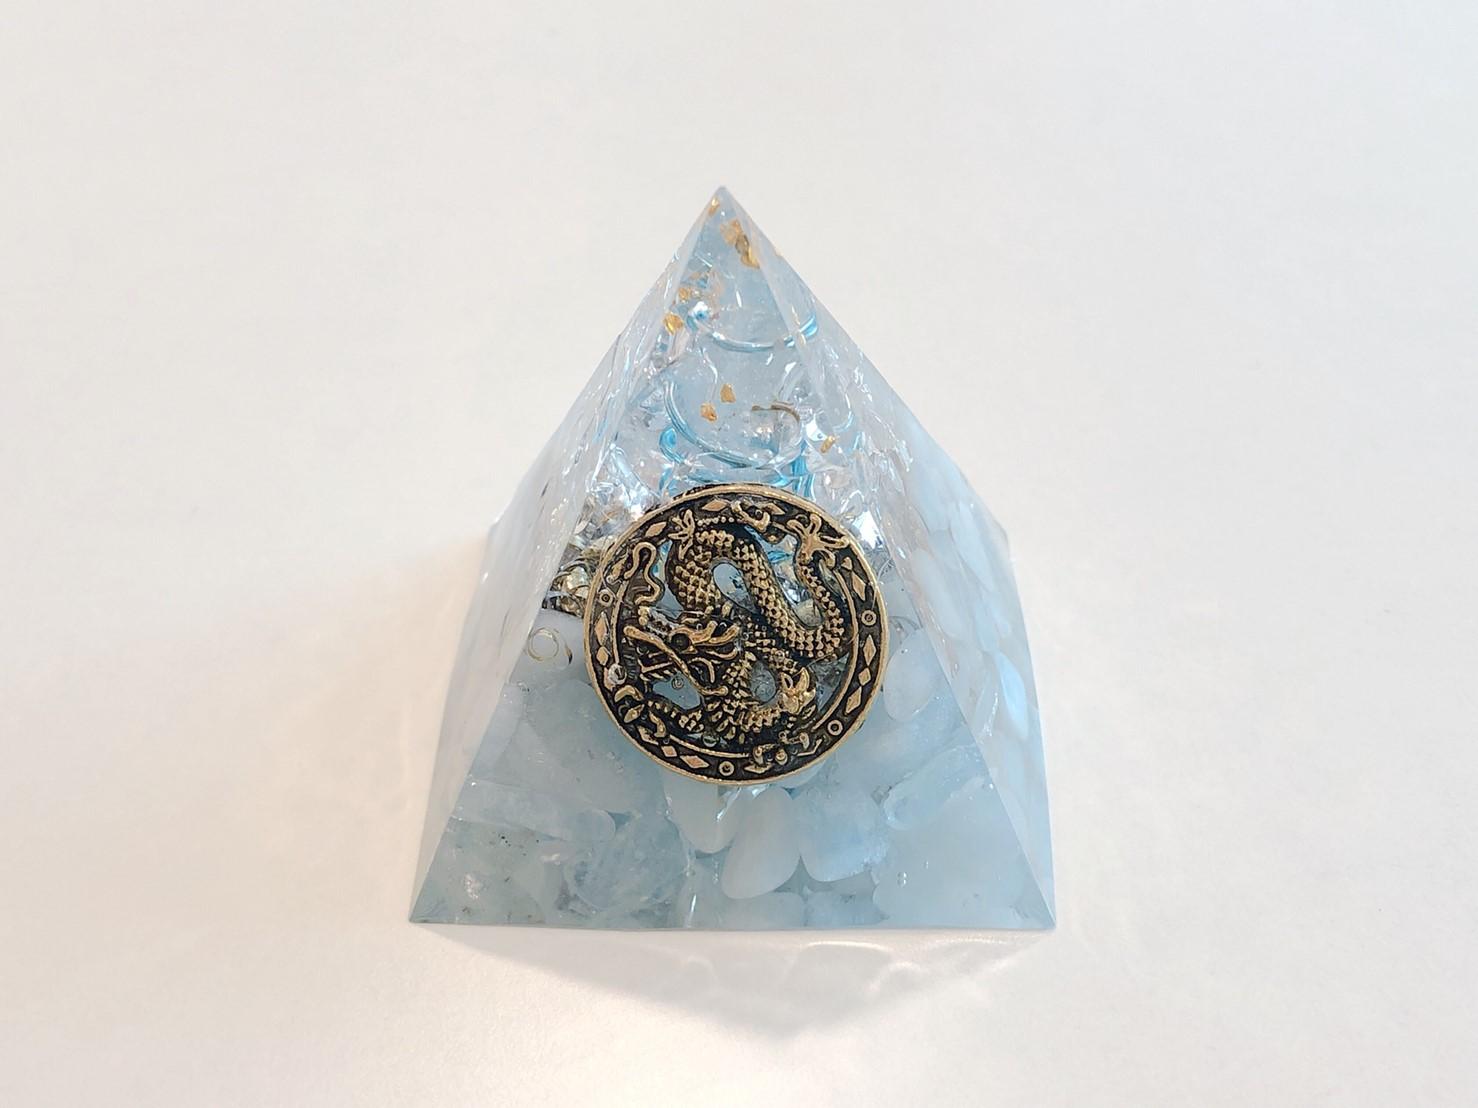 オルゴナイト ピラミッド型(小)